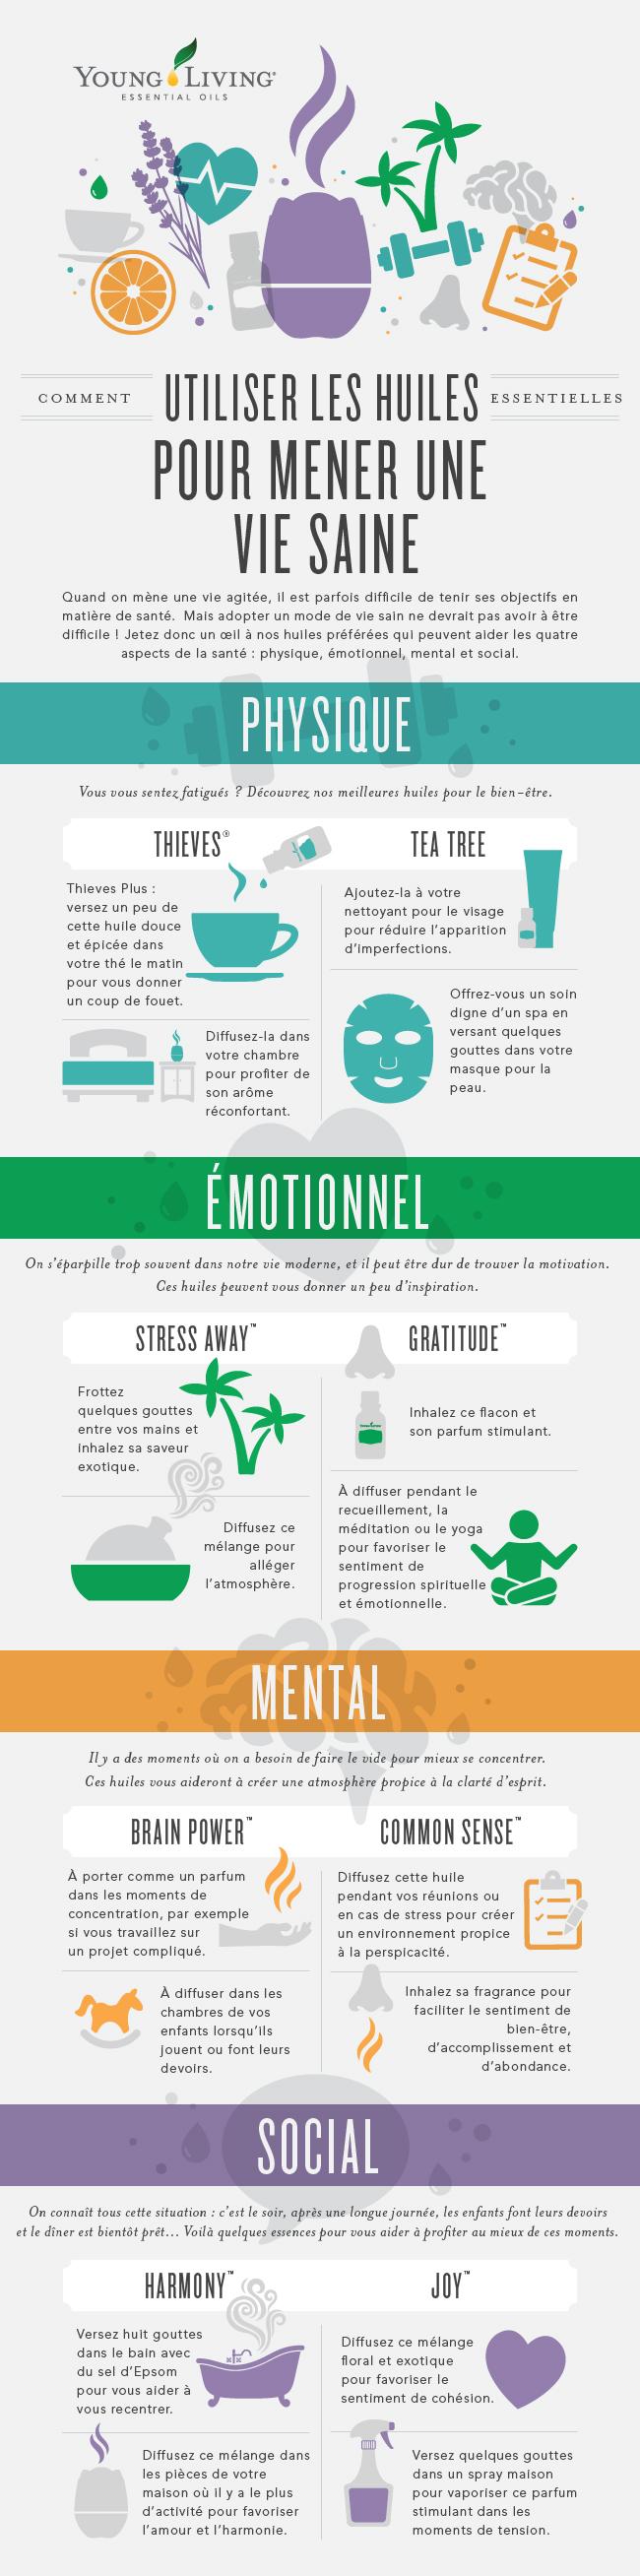 Graphique Huiles essentielles pour la santé mentale, physique, émotionnelle et sociale